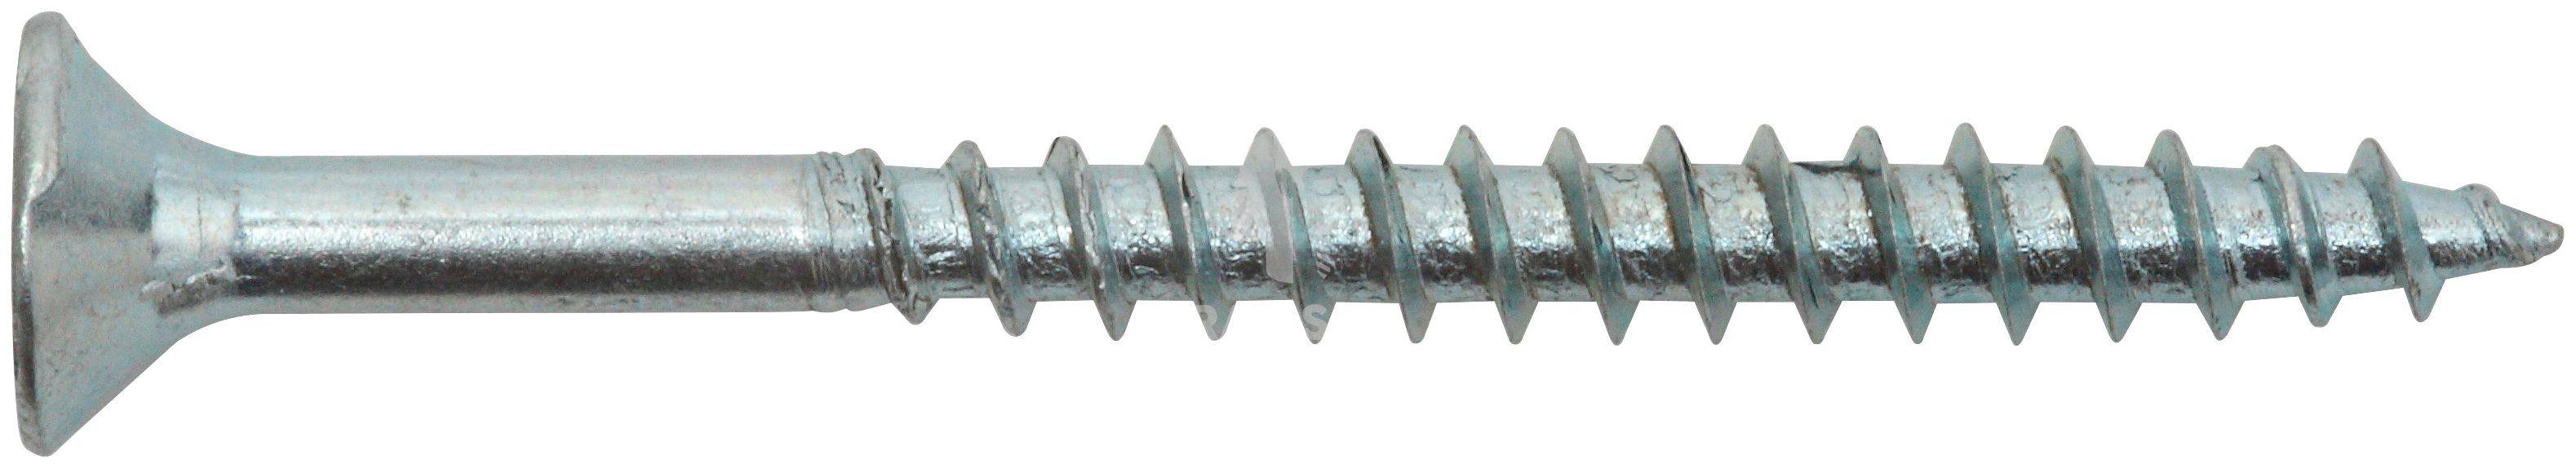 RAMSES Schrauben , Spanplattenschraube 6 x 180 mm PZ3 50 Stk.